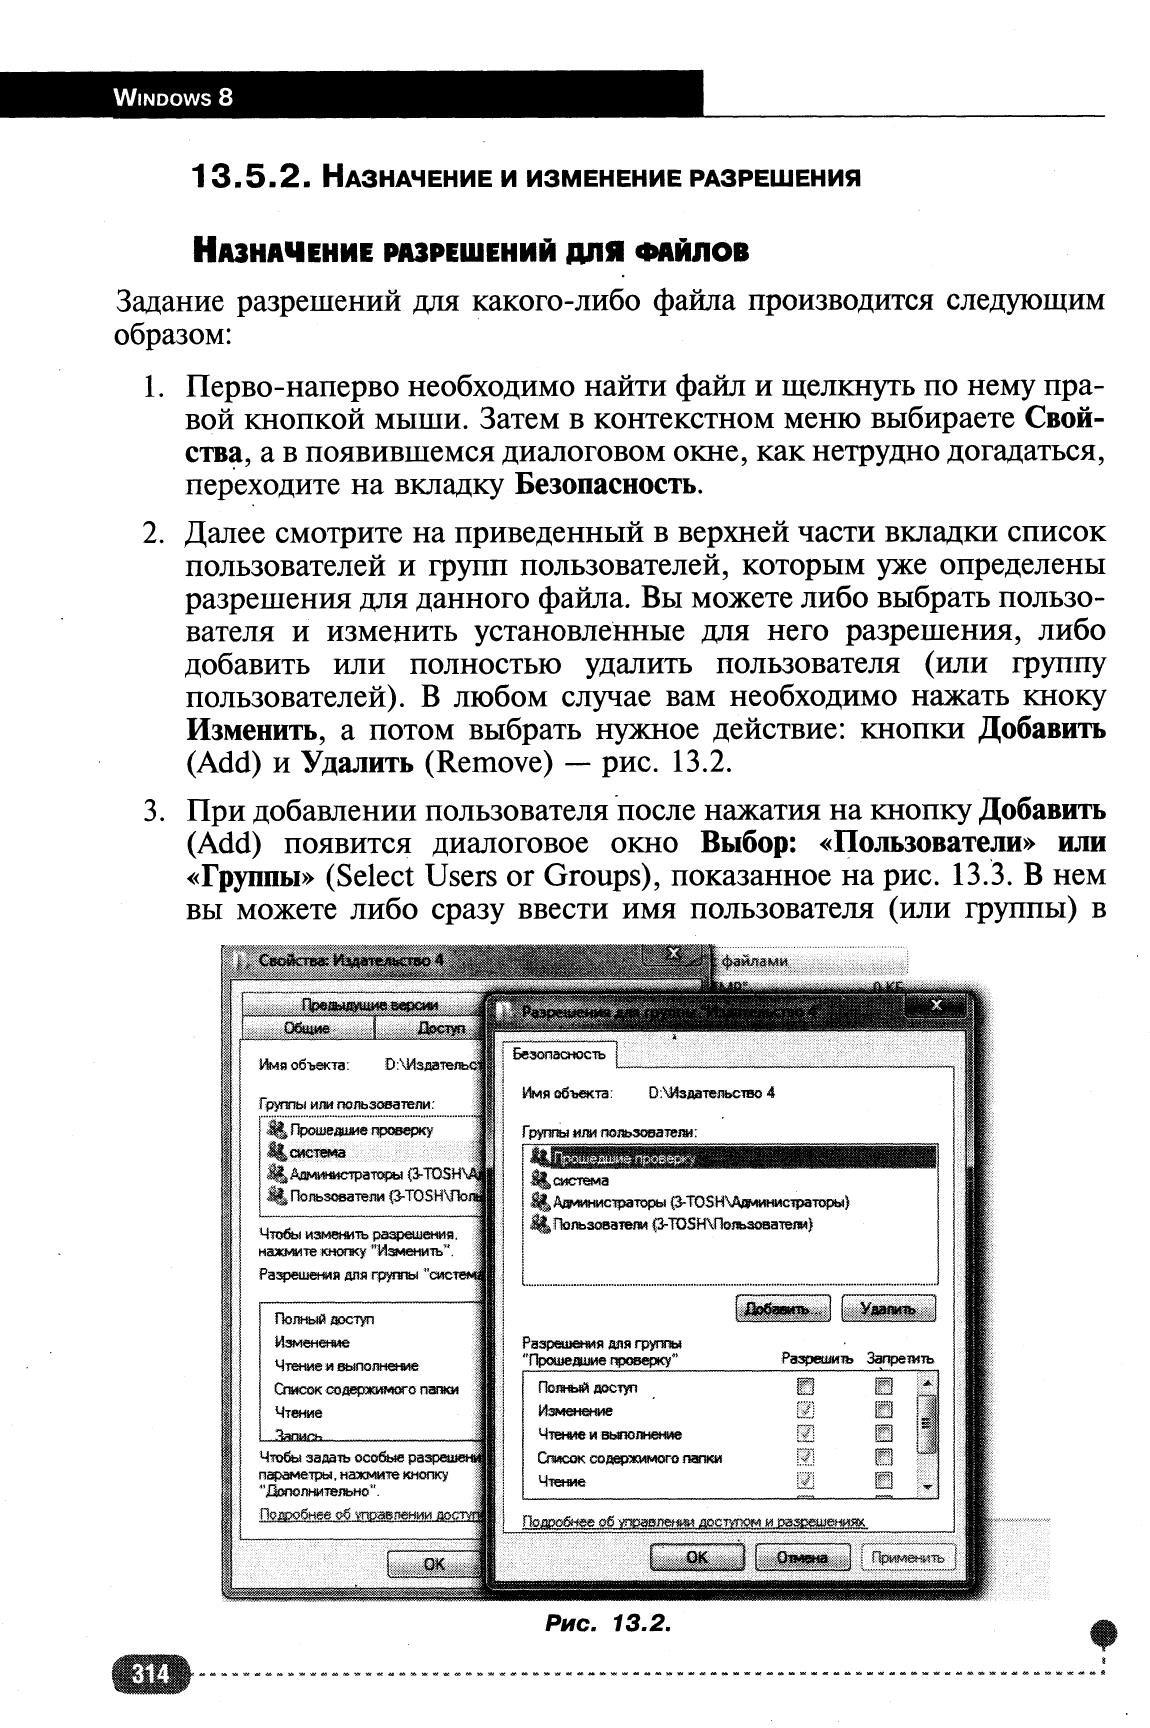 М. Матвеев, М. Юдин, Р. Прокди - Windows 8. Полное руководство (2013) PDF